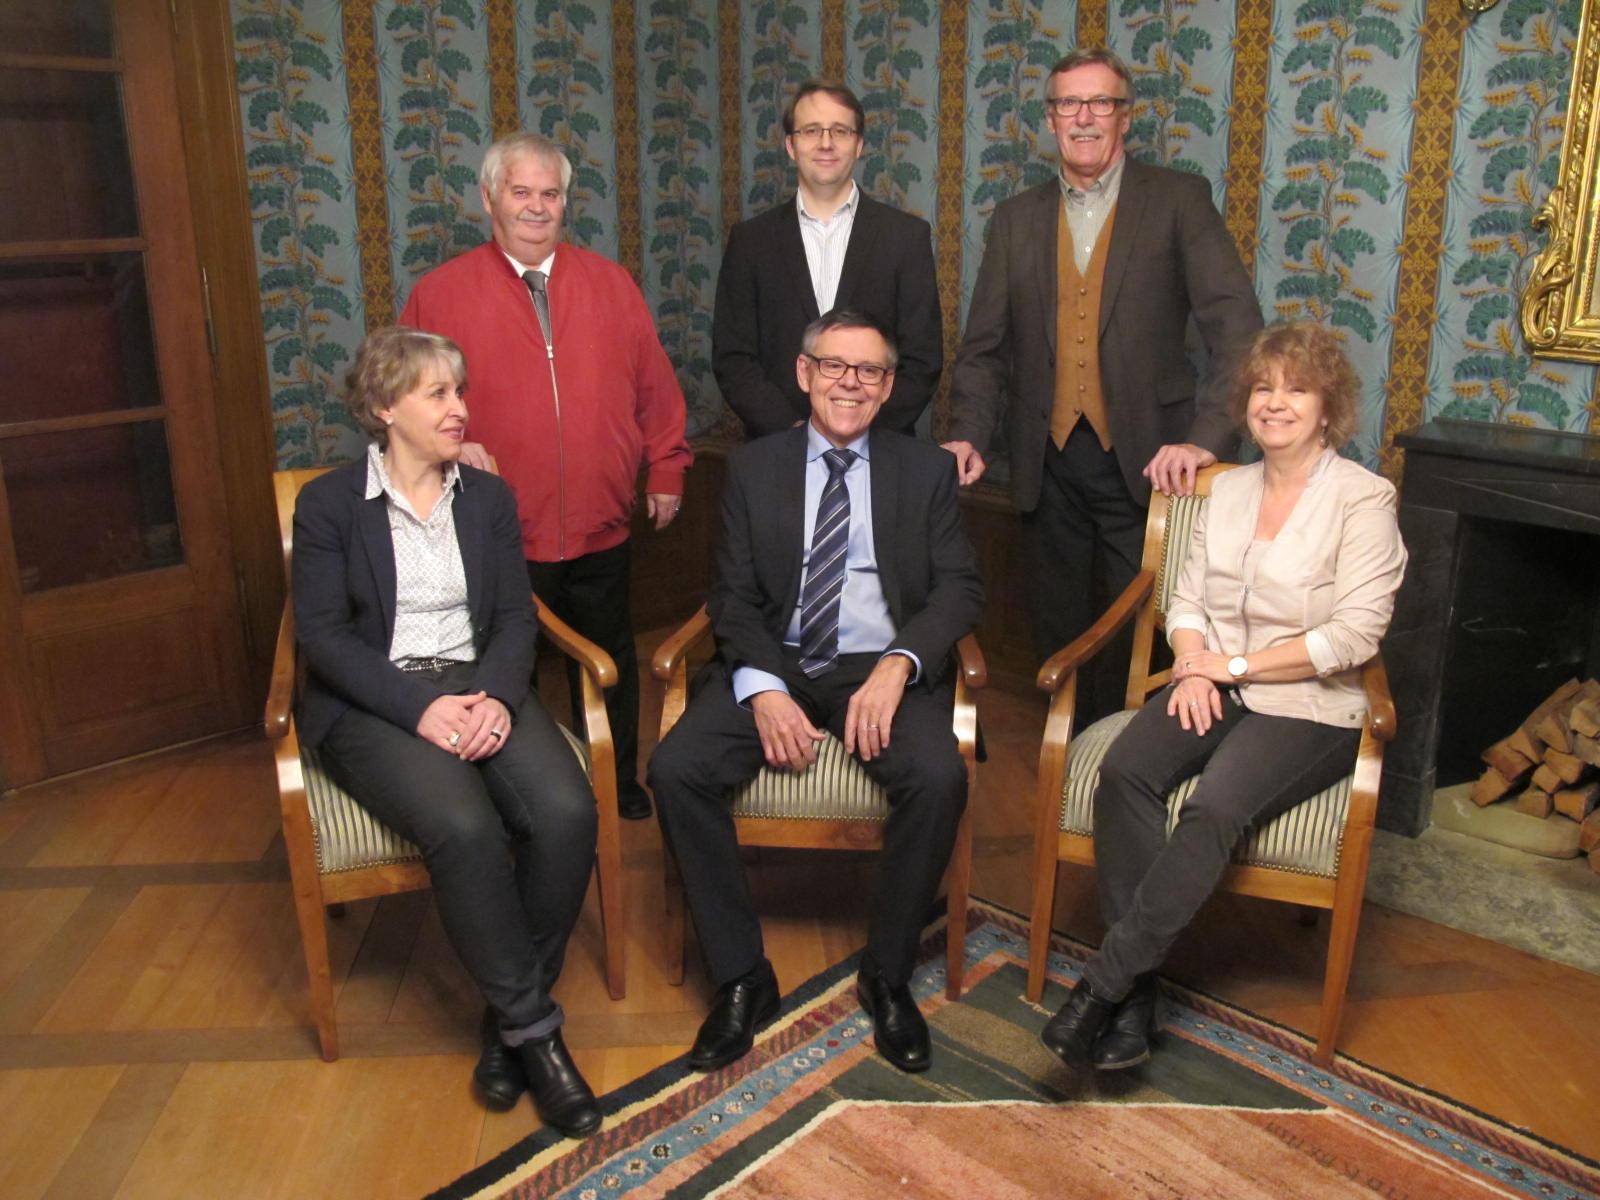 Vorstand 2017: sitzend: Gabi Striffler, Urs Bachmann (Präsident), Karin Elsasser / stehend: Ueli Widmer, Markus Merz, Dölf Pfister